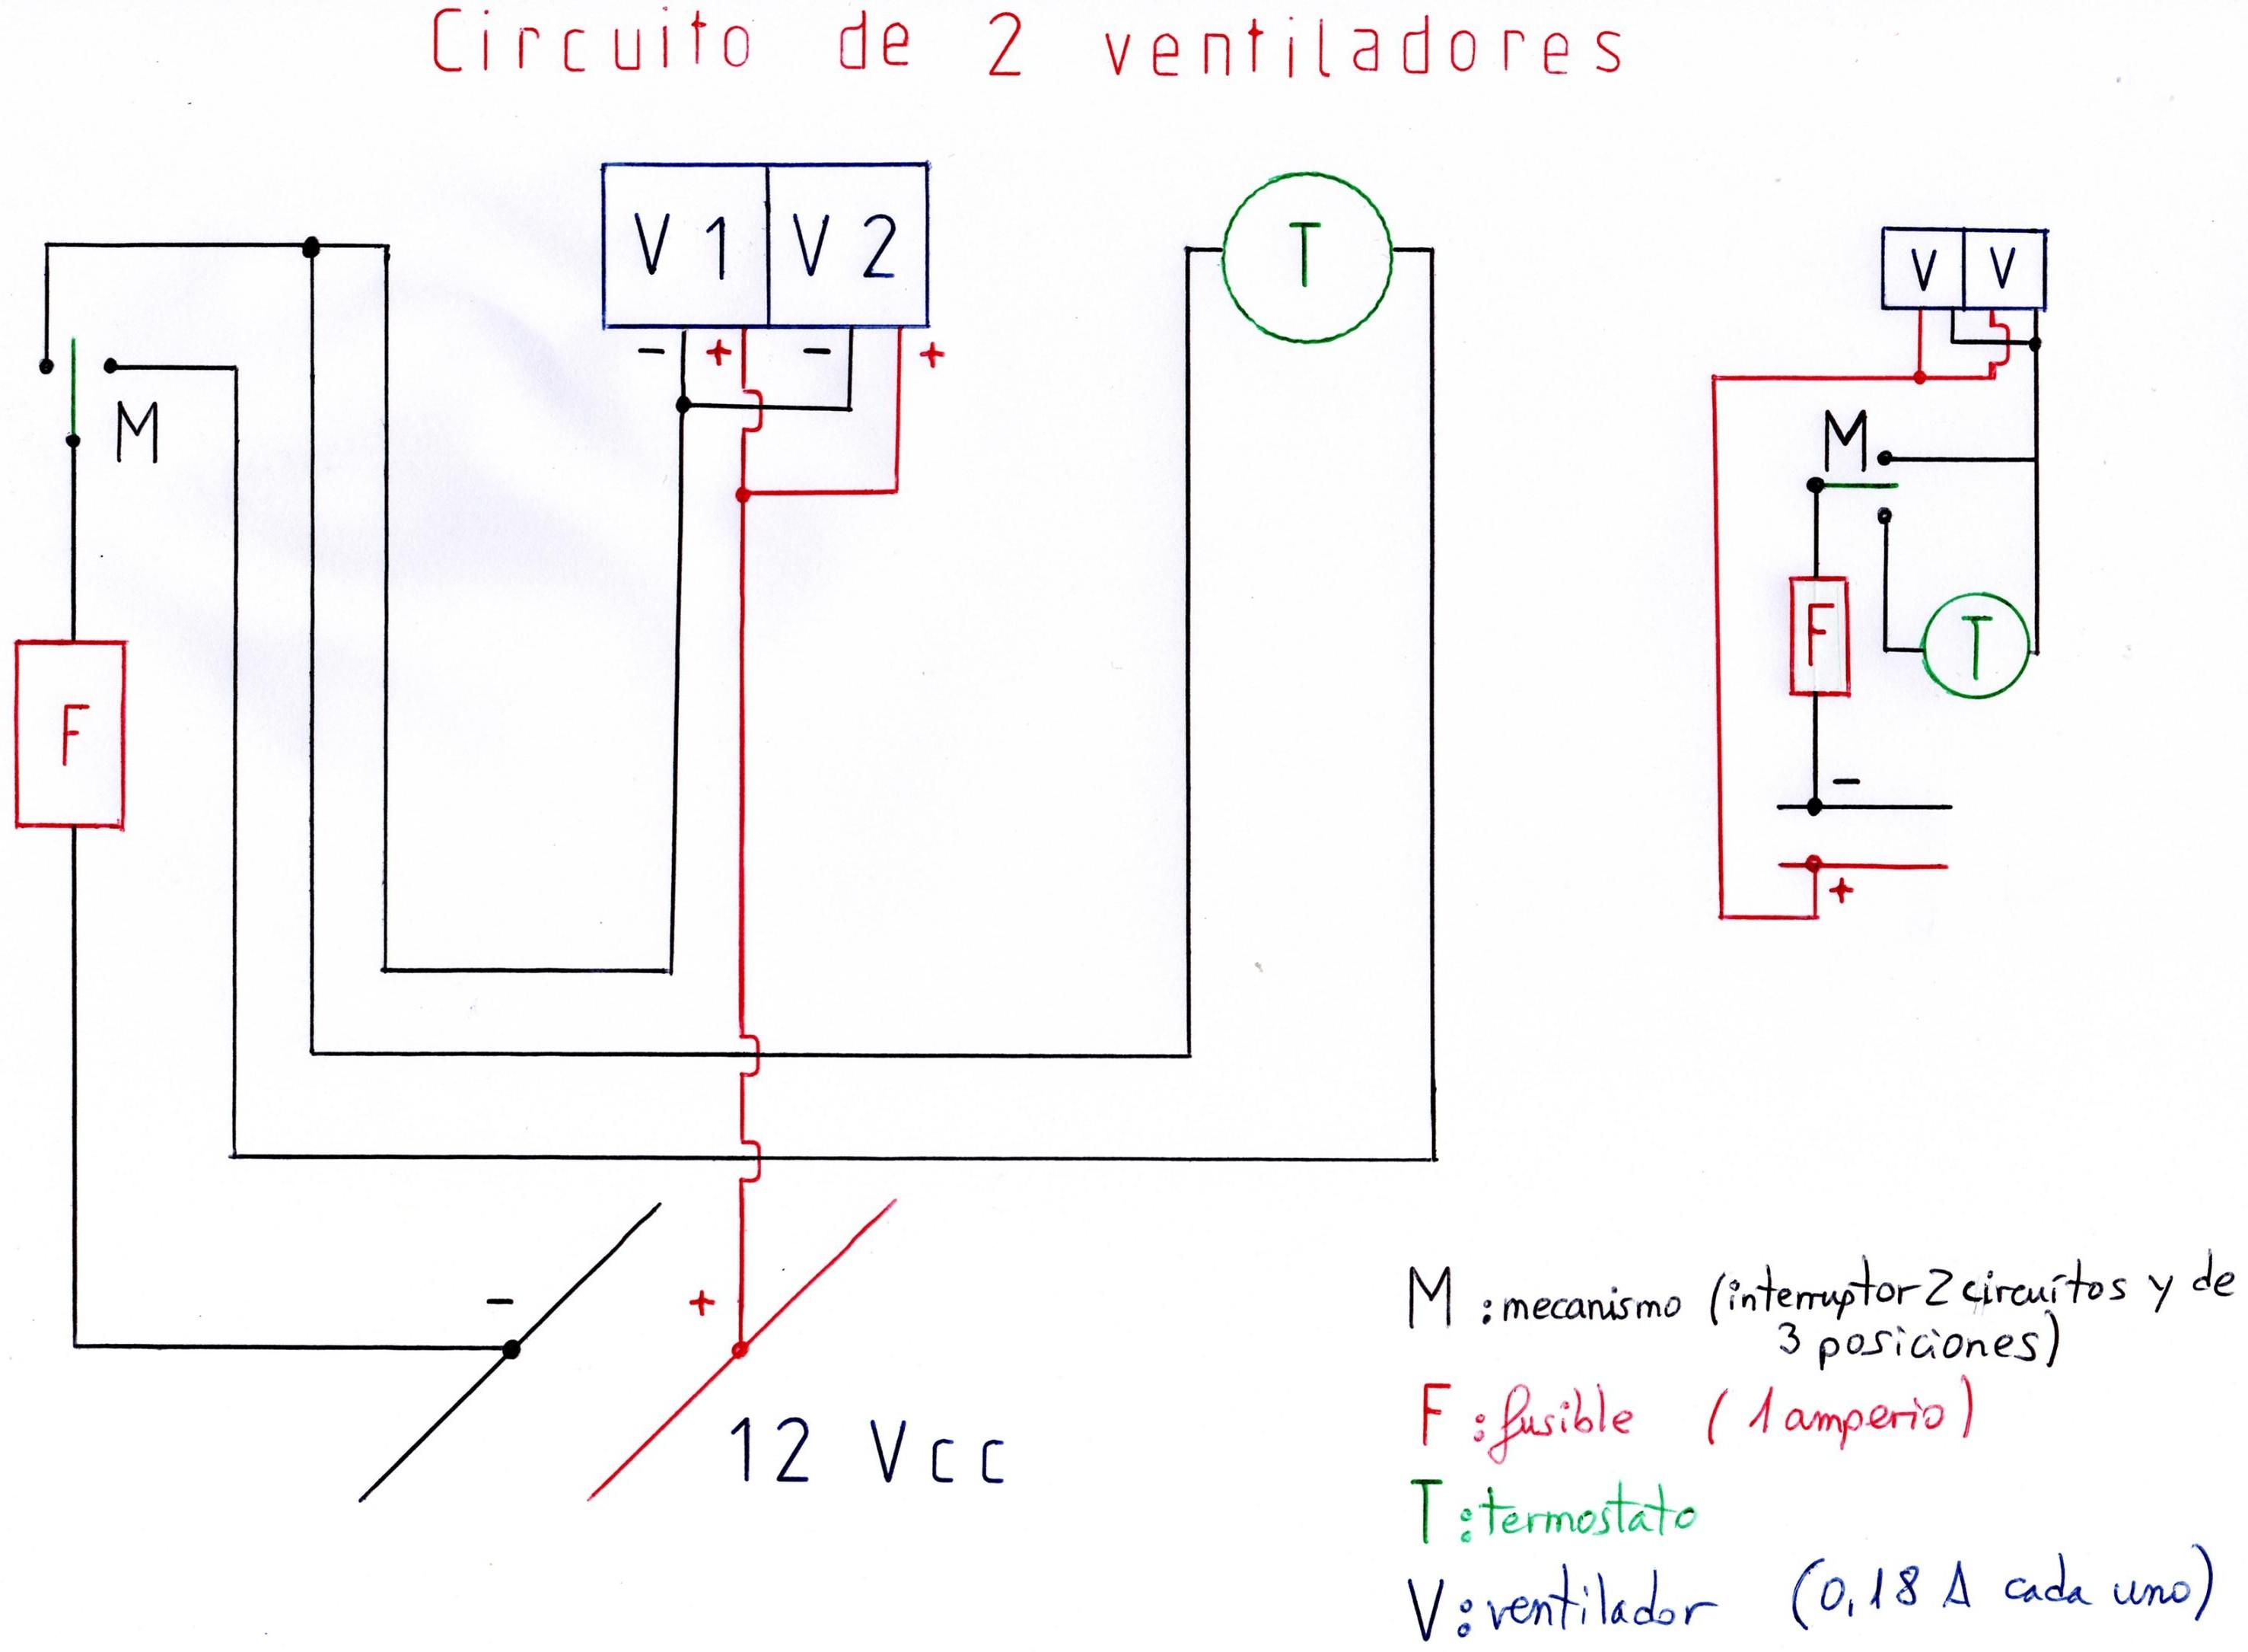 Circuito Ventilador : Ventiladores para nevera